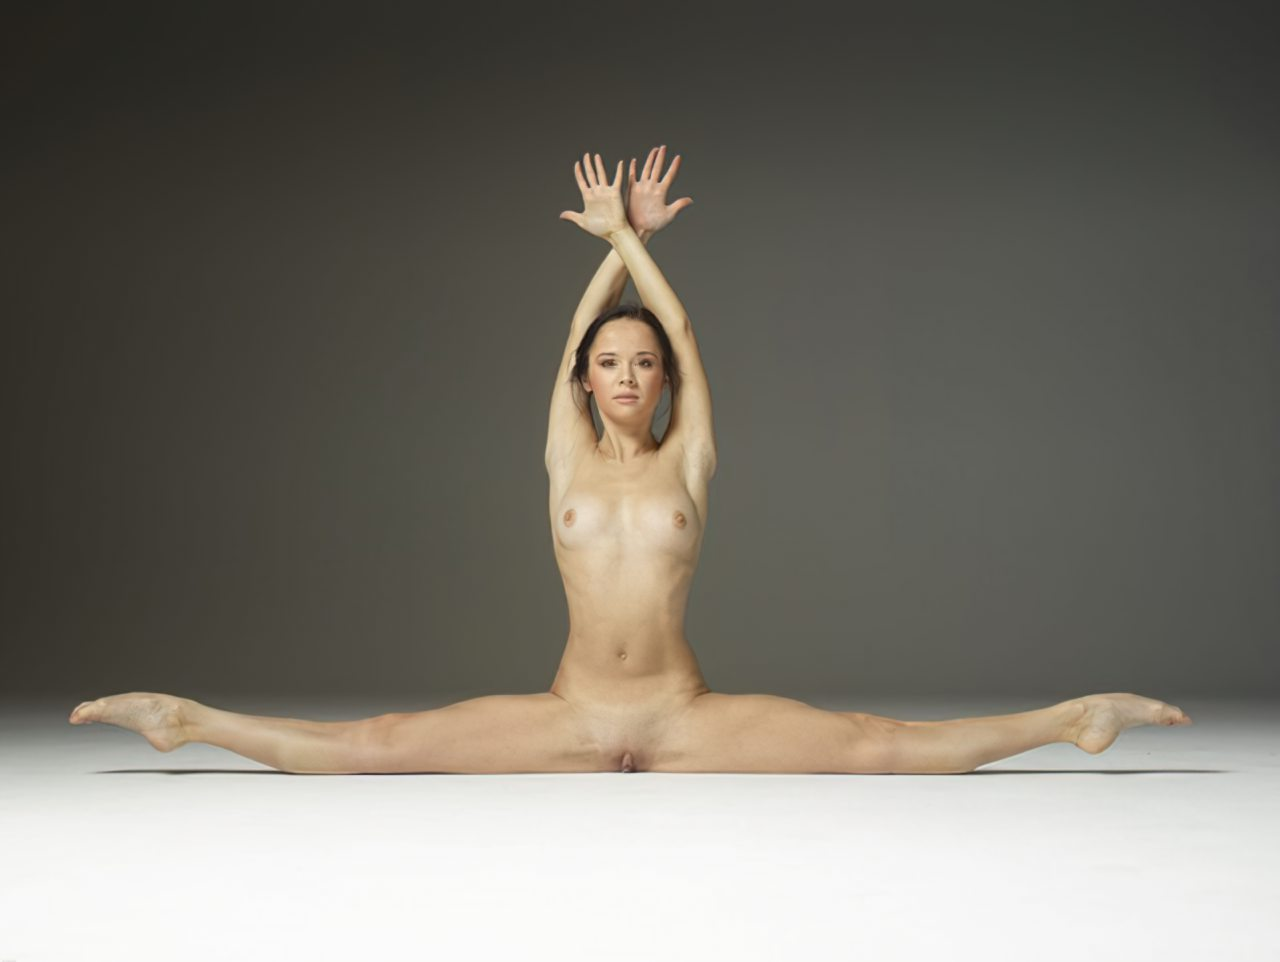 Mulher Flexivel Pelada (1)